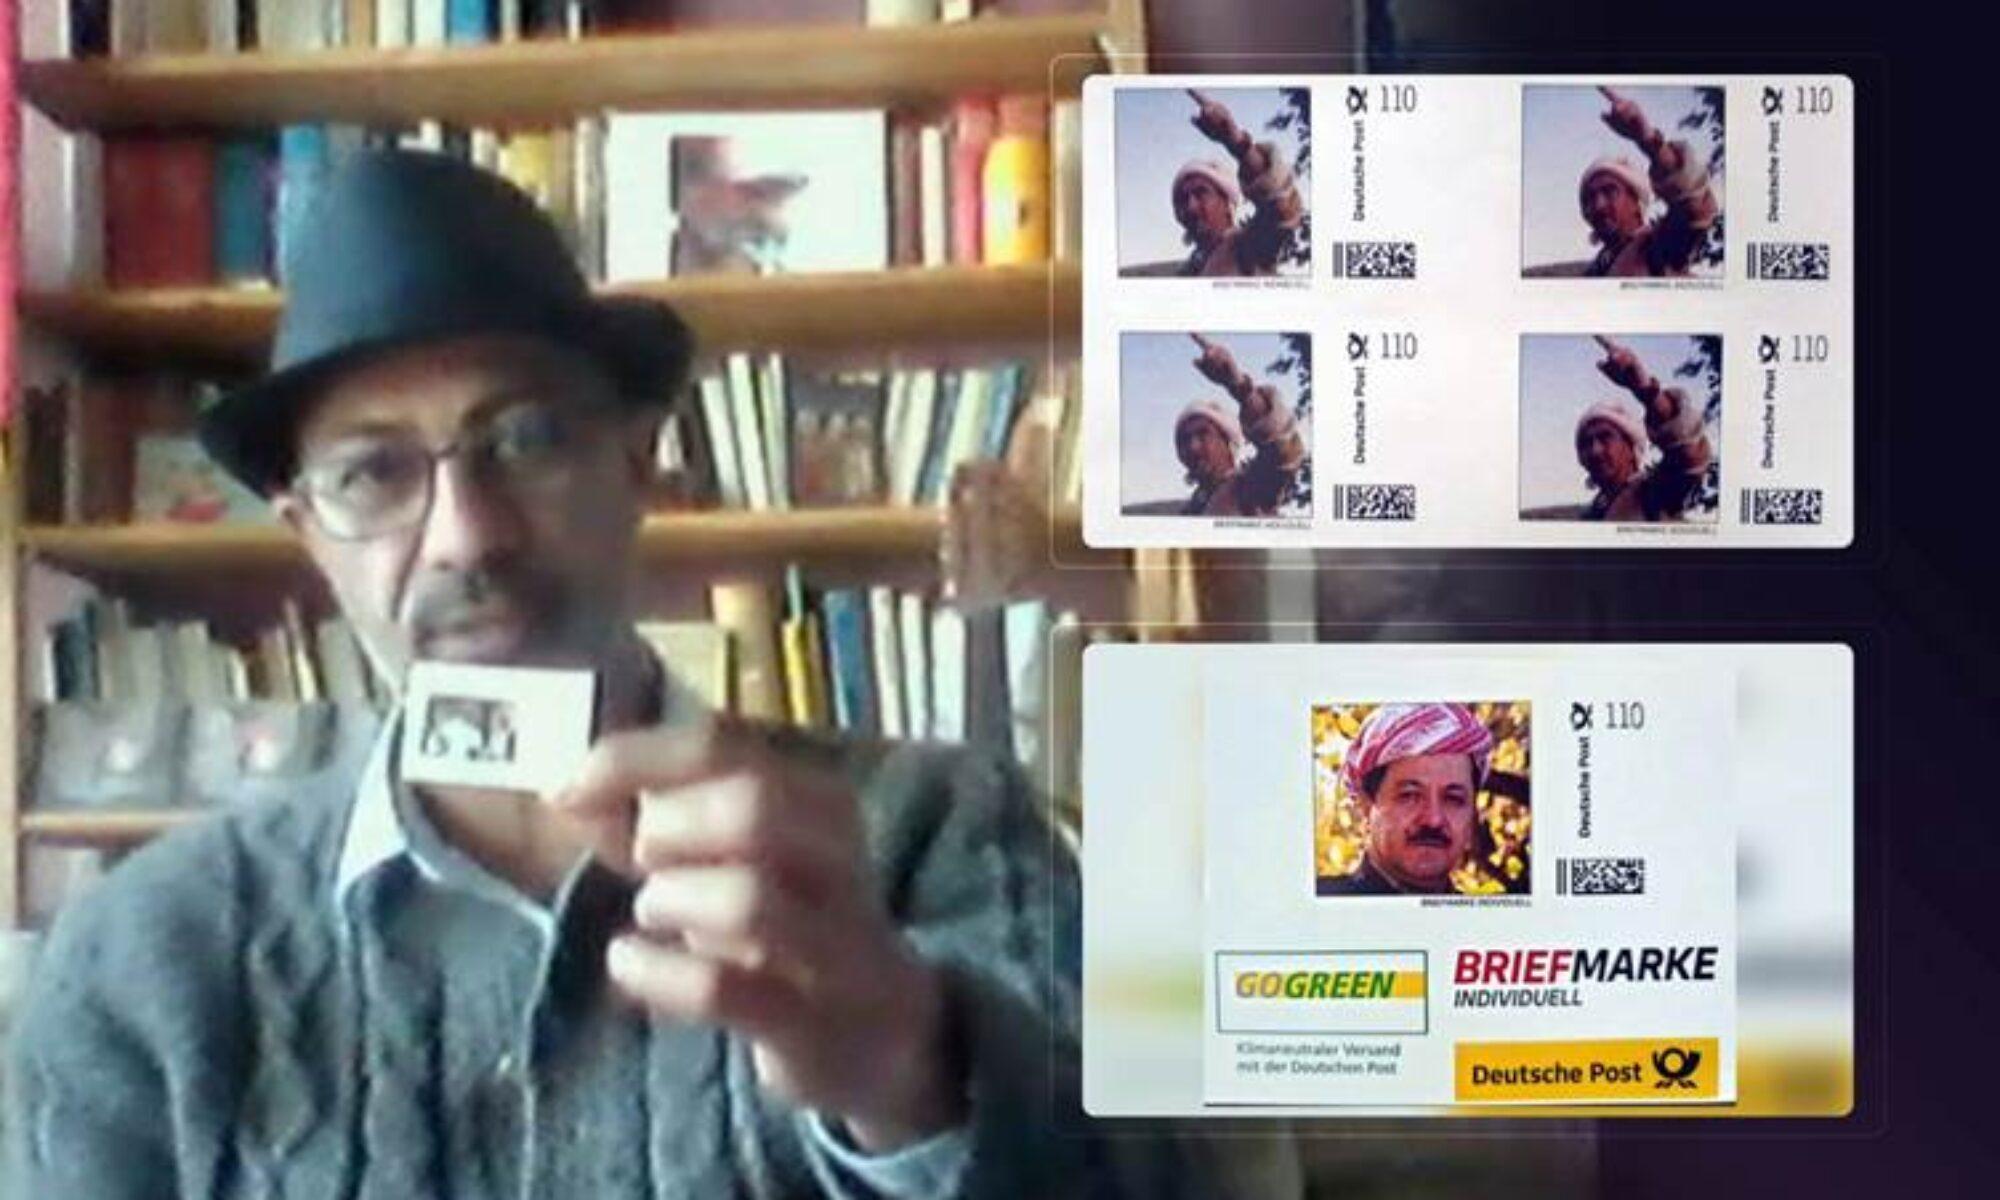 Rojavalı sanatçı Derweş'in çalışması ile yapılan Melle Mustafa Barzani fotoğraflı pulları Almanya'da kullanılacak